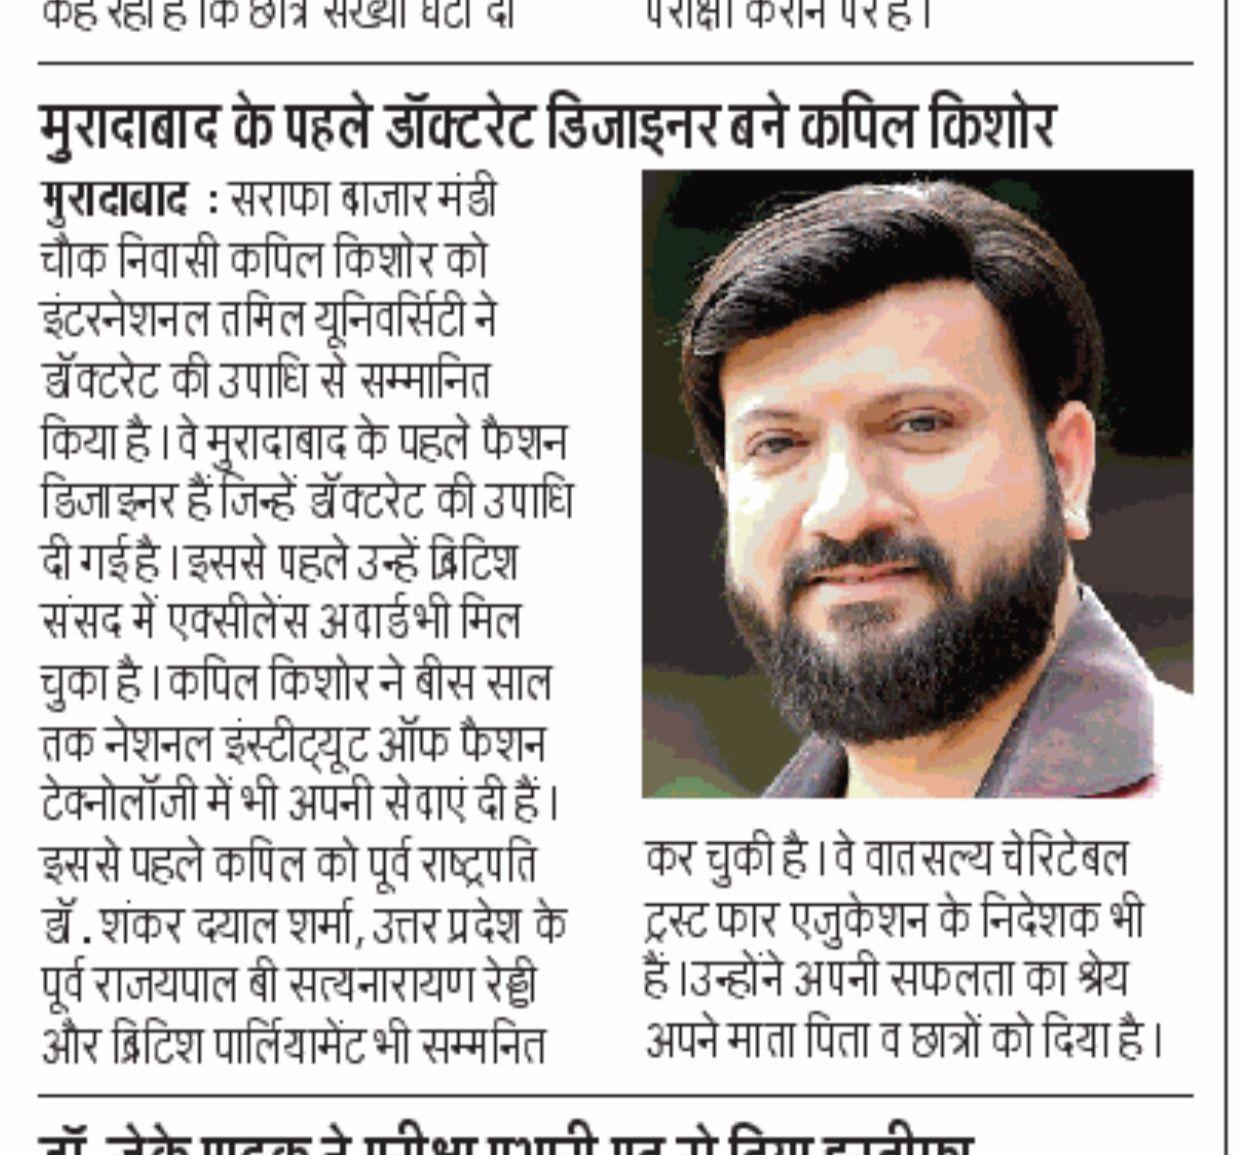 Dainik Jagran News coverage of chairman Vaatsaalyaa DsyN ...